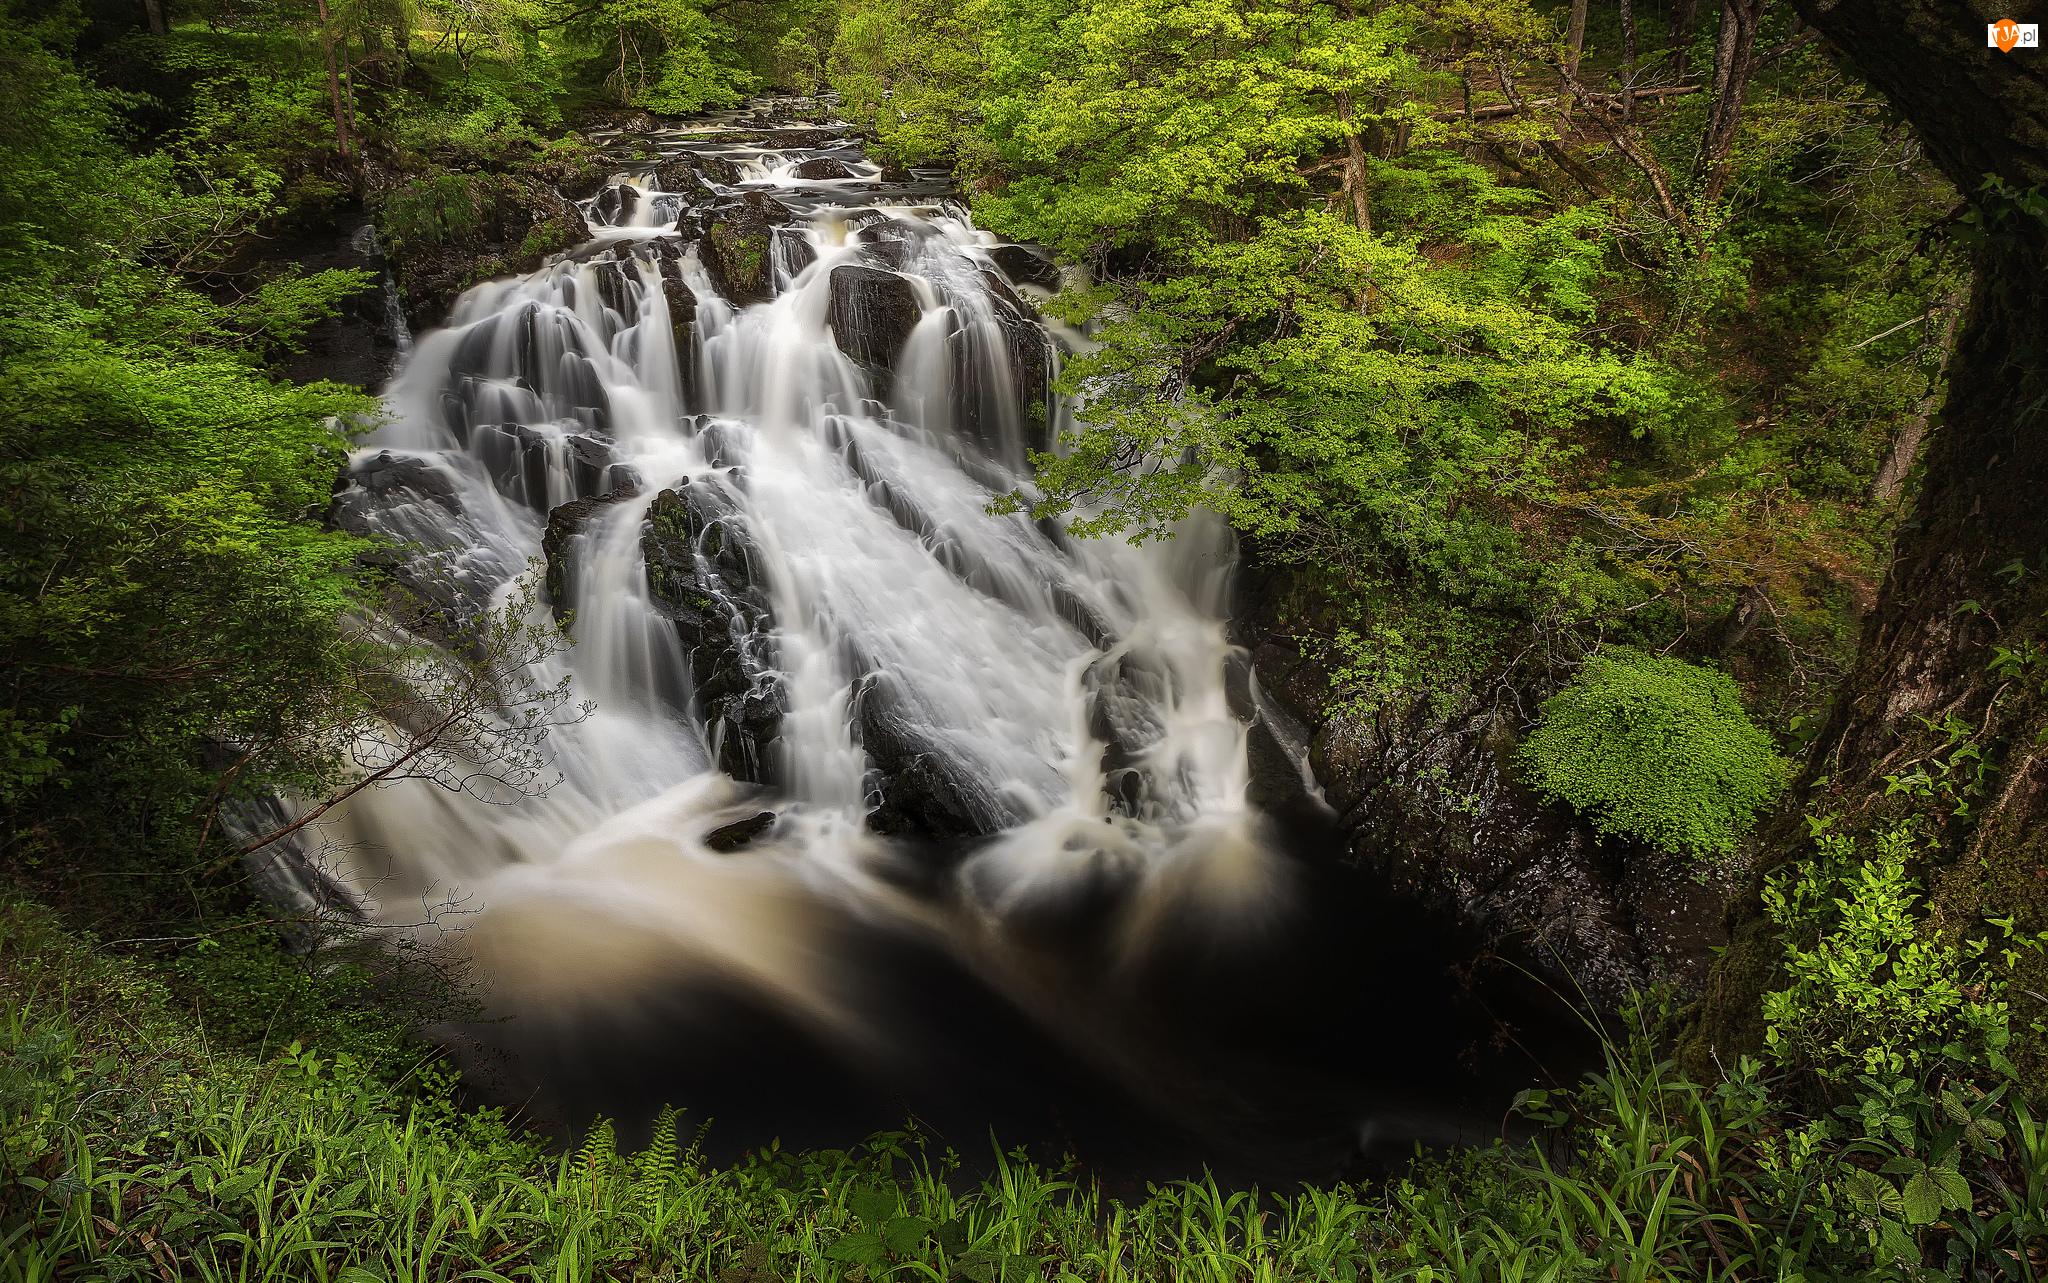 Las, Drzewa, Wielka Brytania, Wodospad Swallow Falls, Walia, Park Narodowy Snowdonia, Skały